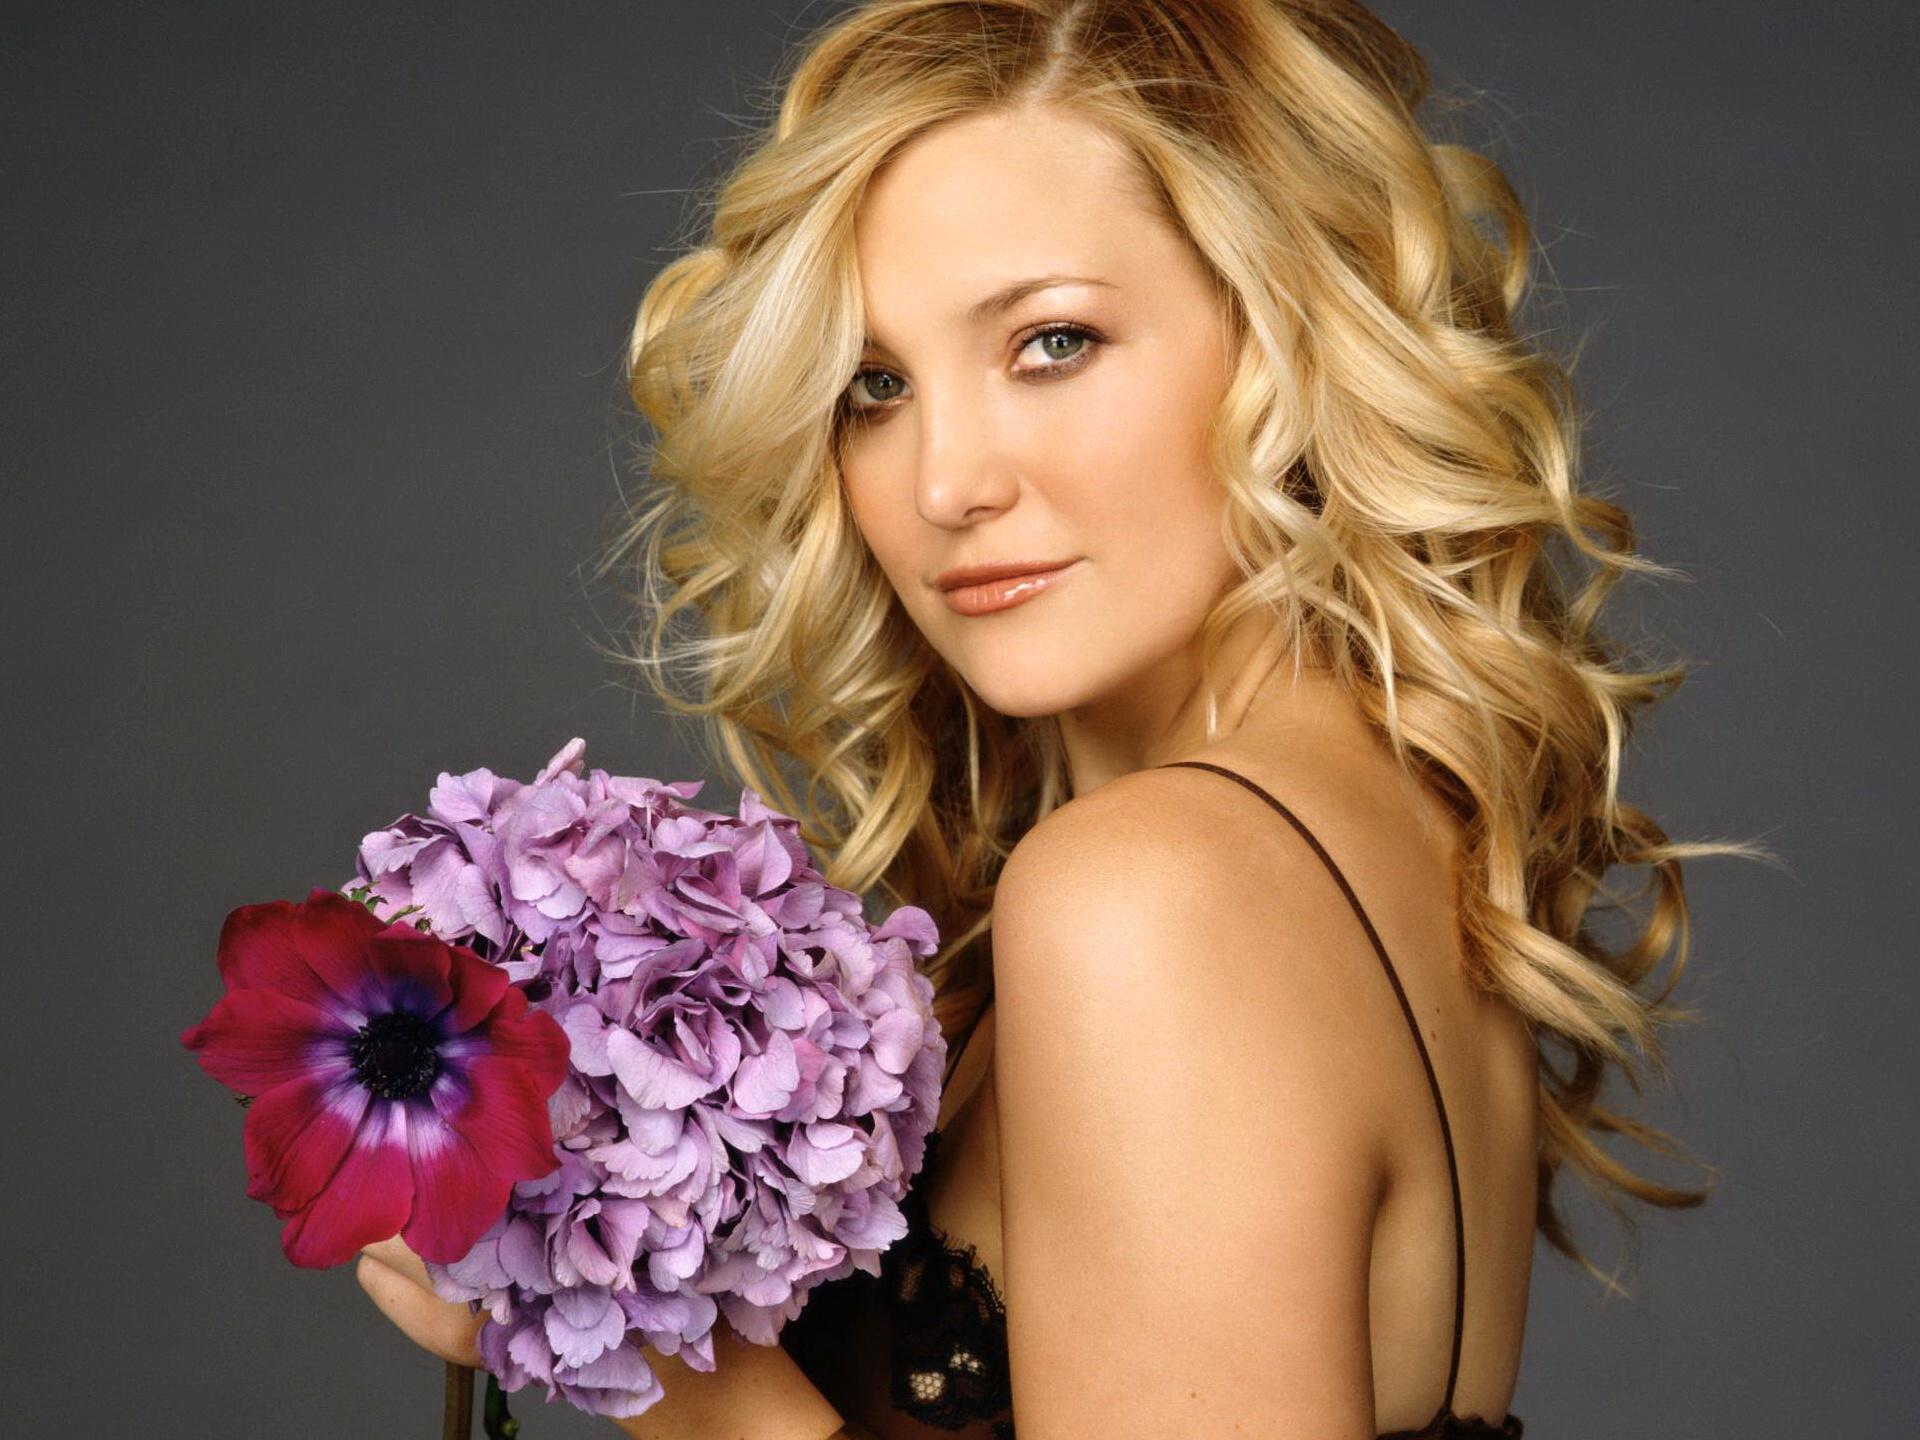 Фото женщин блондинок с цветами